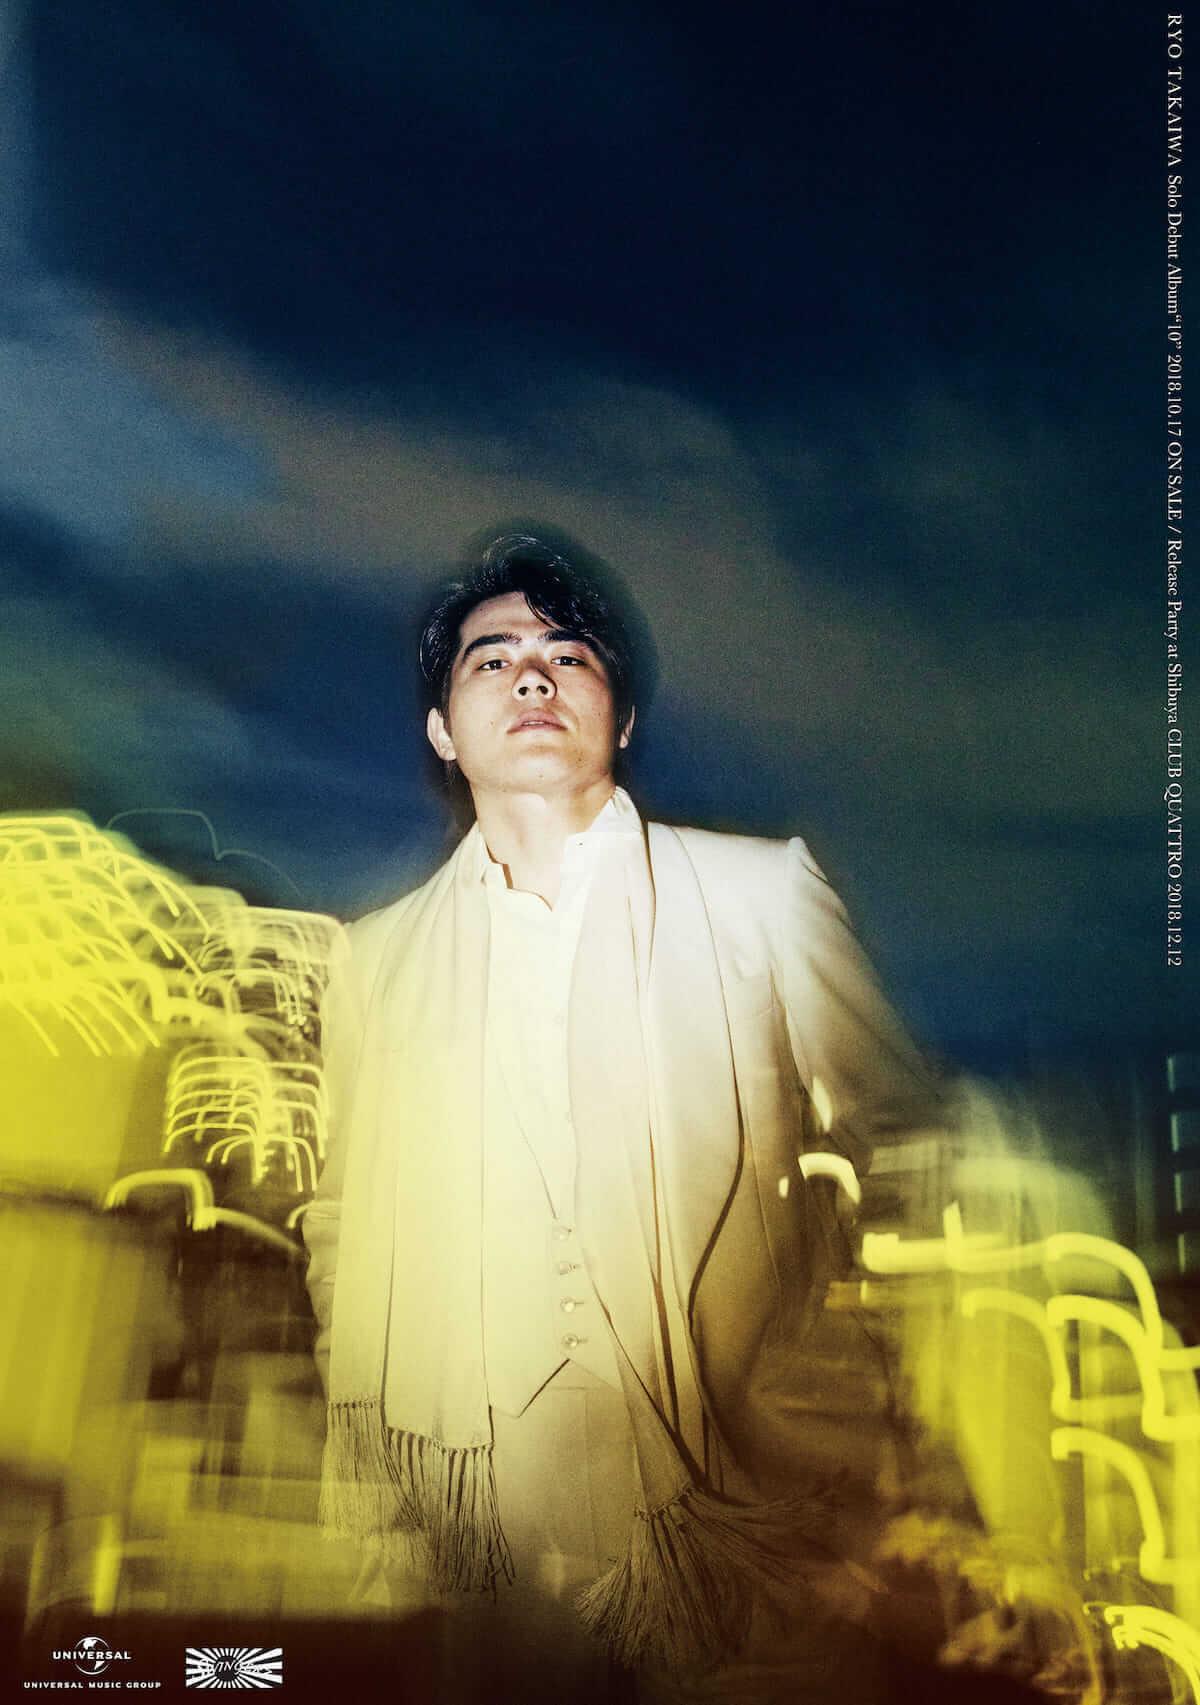 高岩遼、ソロファーストアルバム「10」を10月にリリース|ショート・ドキュメンタリー&ライブ映像『髙岩遼、おまえは誰だ?』も公開 music180713-ryo-takaiwa-1-1200x1705